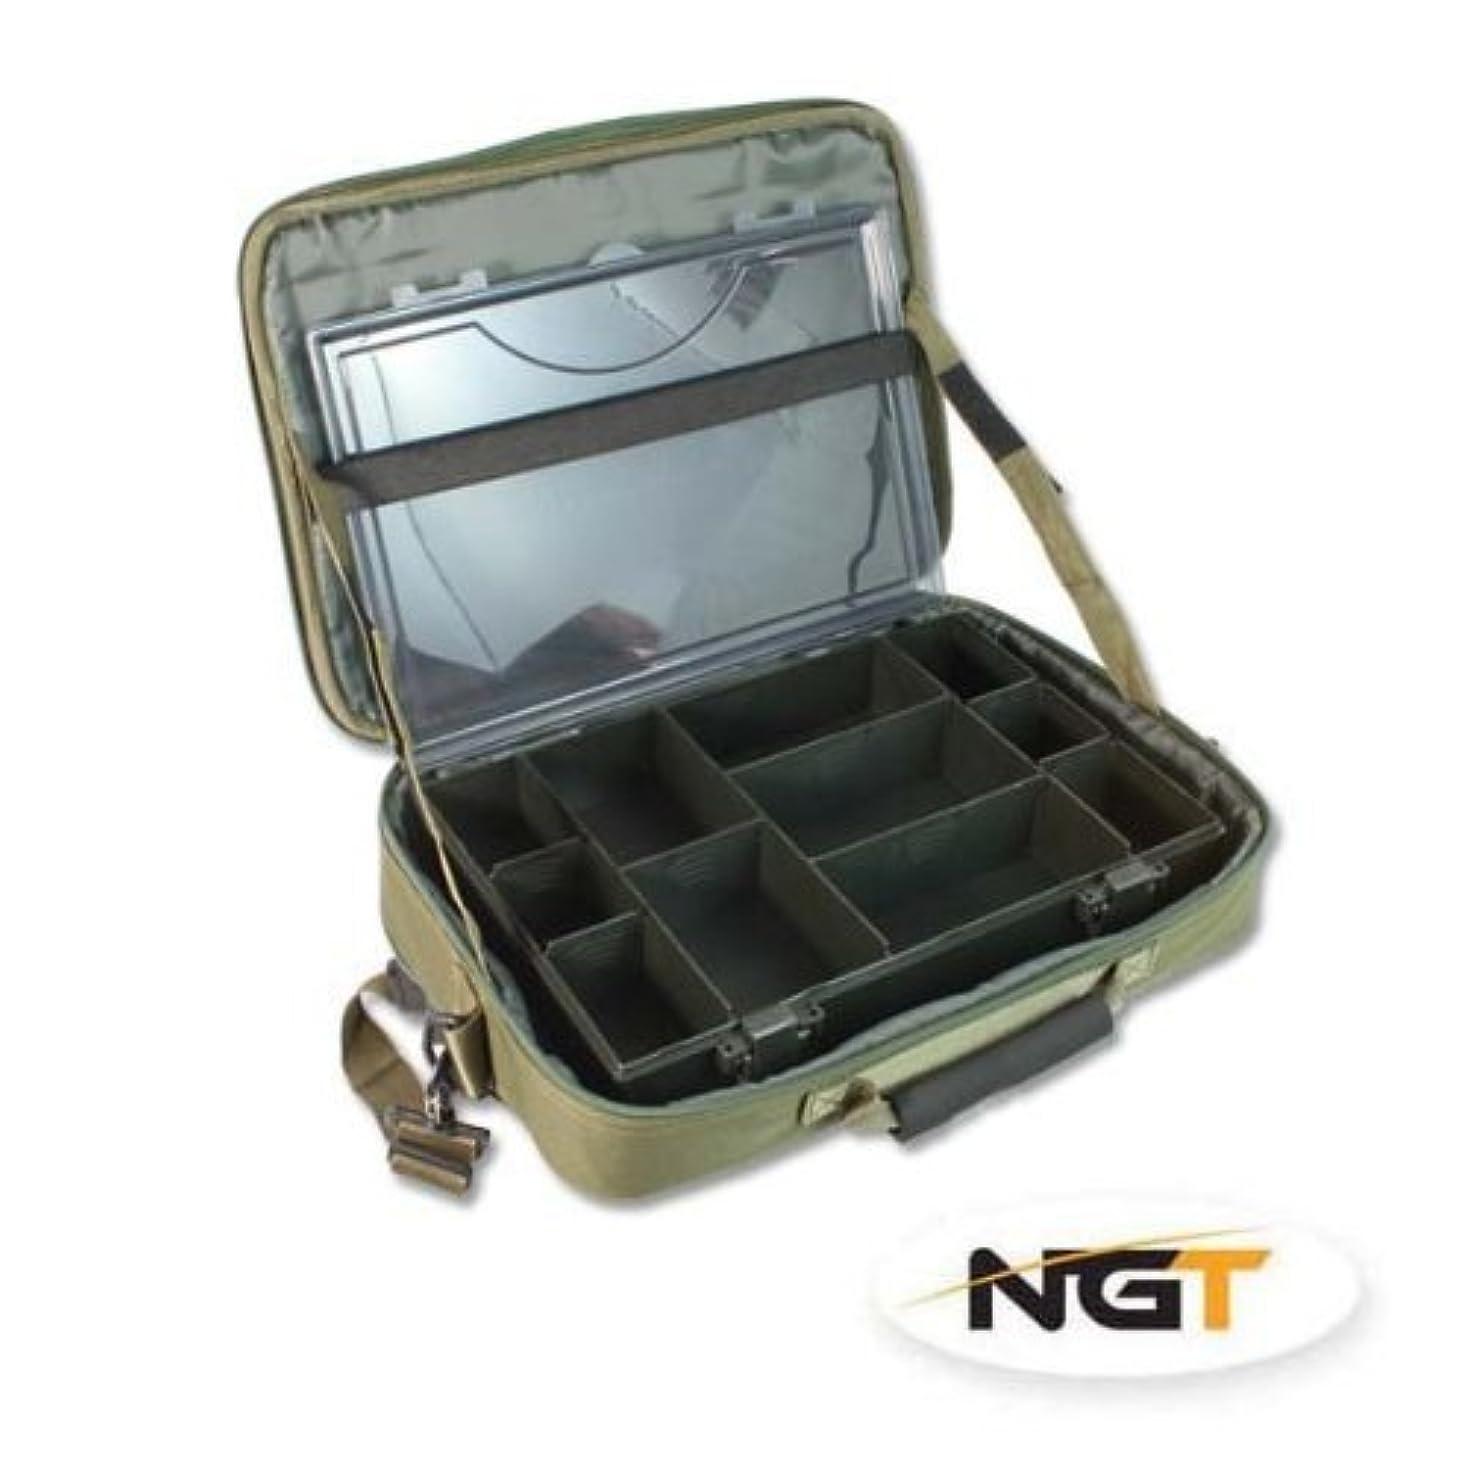 遺棄された変形タイヤNGTユニセックス611タックルボックスケースシステム、グリーン、40 x 36.5 X 6.5 CM by NGT